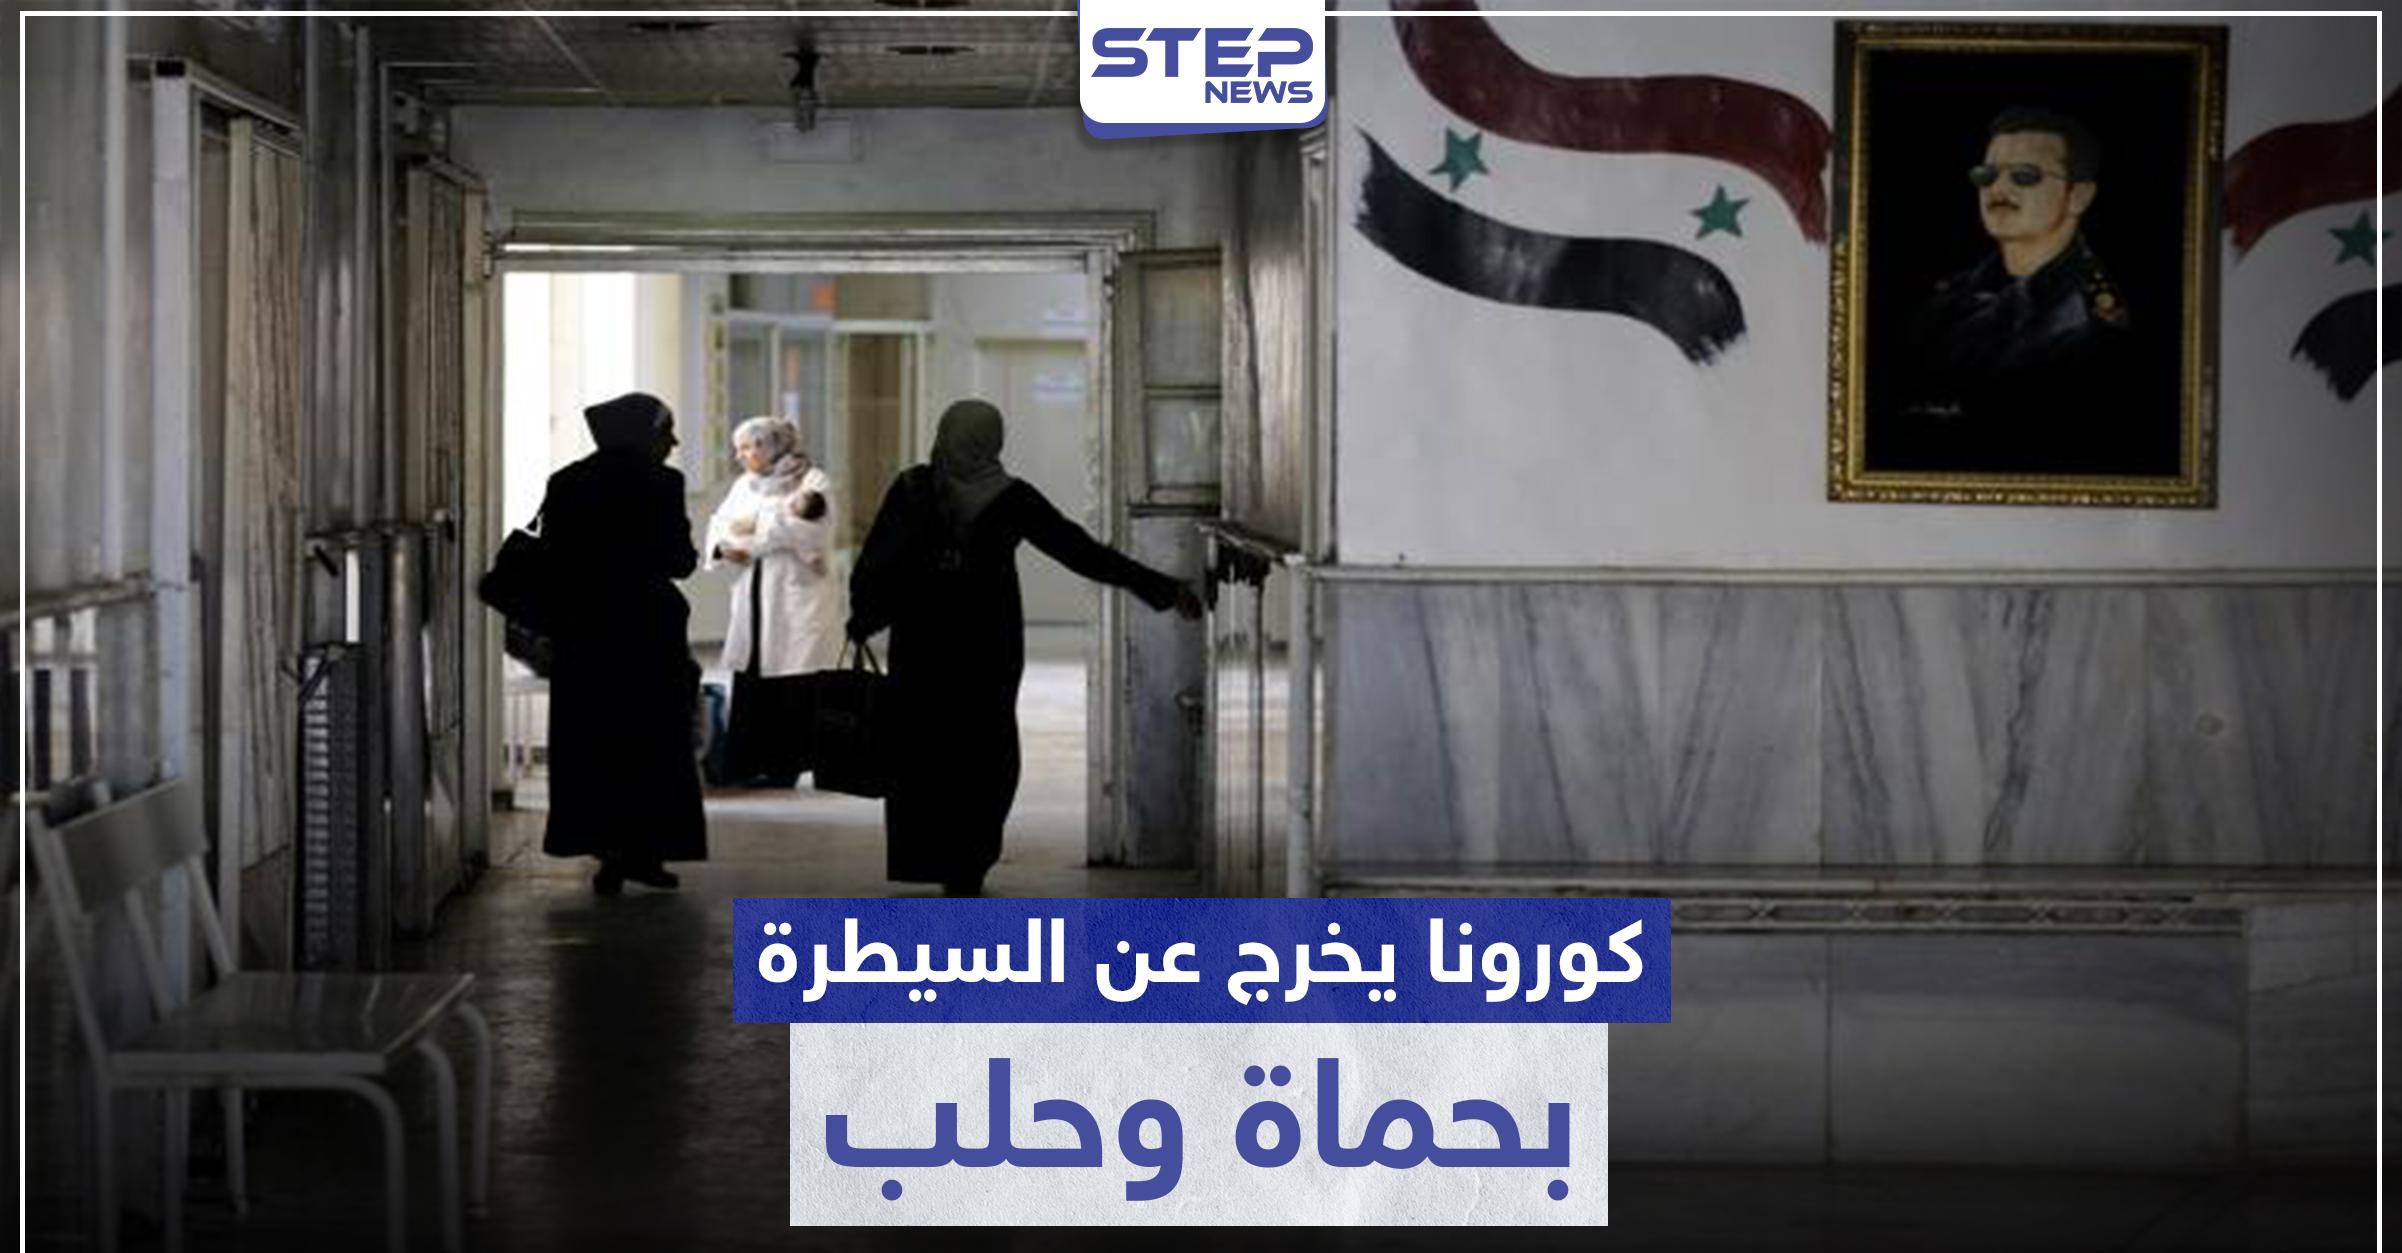 تفشي كورونا بـ حلب وحماة - مناطق سيطرة النظام السوري